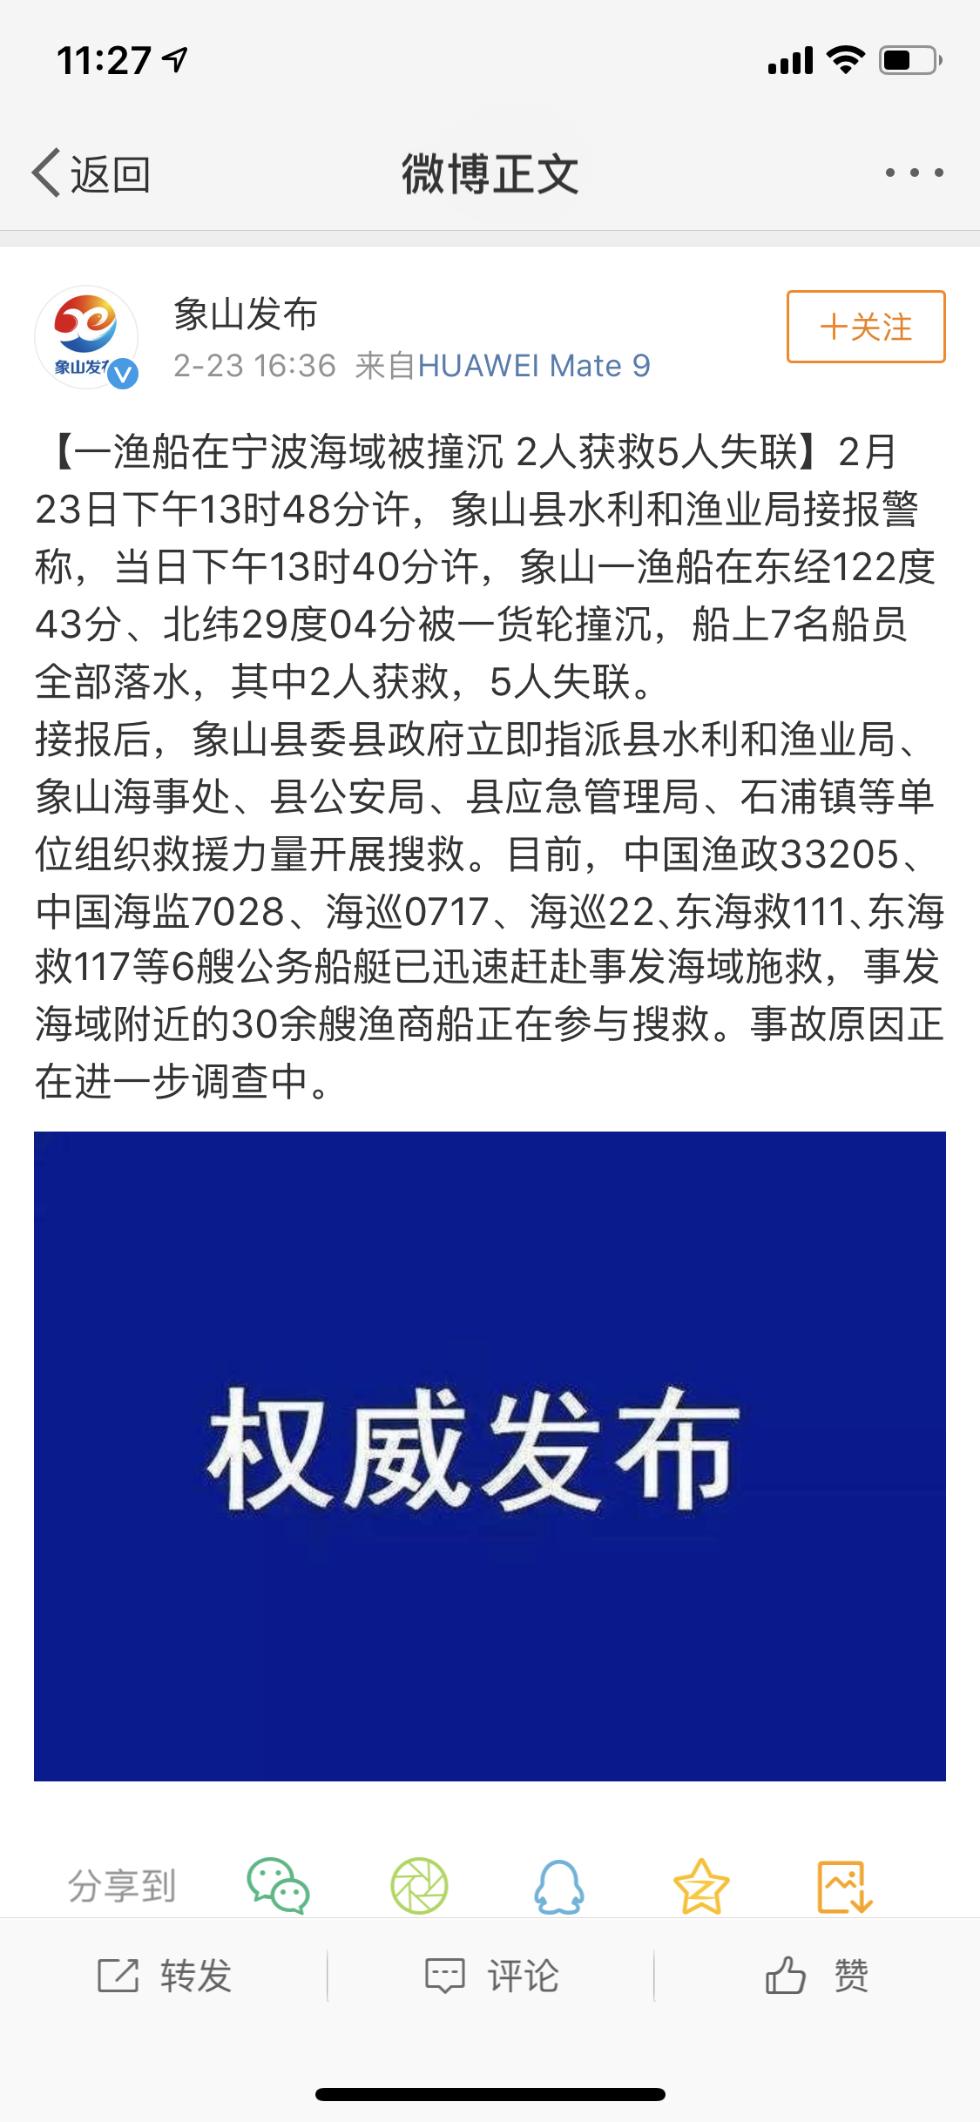 浙江象山一渔船被撞沉 2人获救5人失联